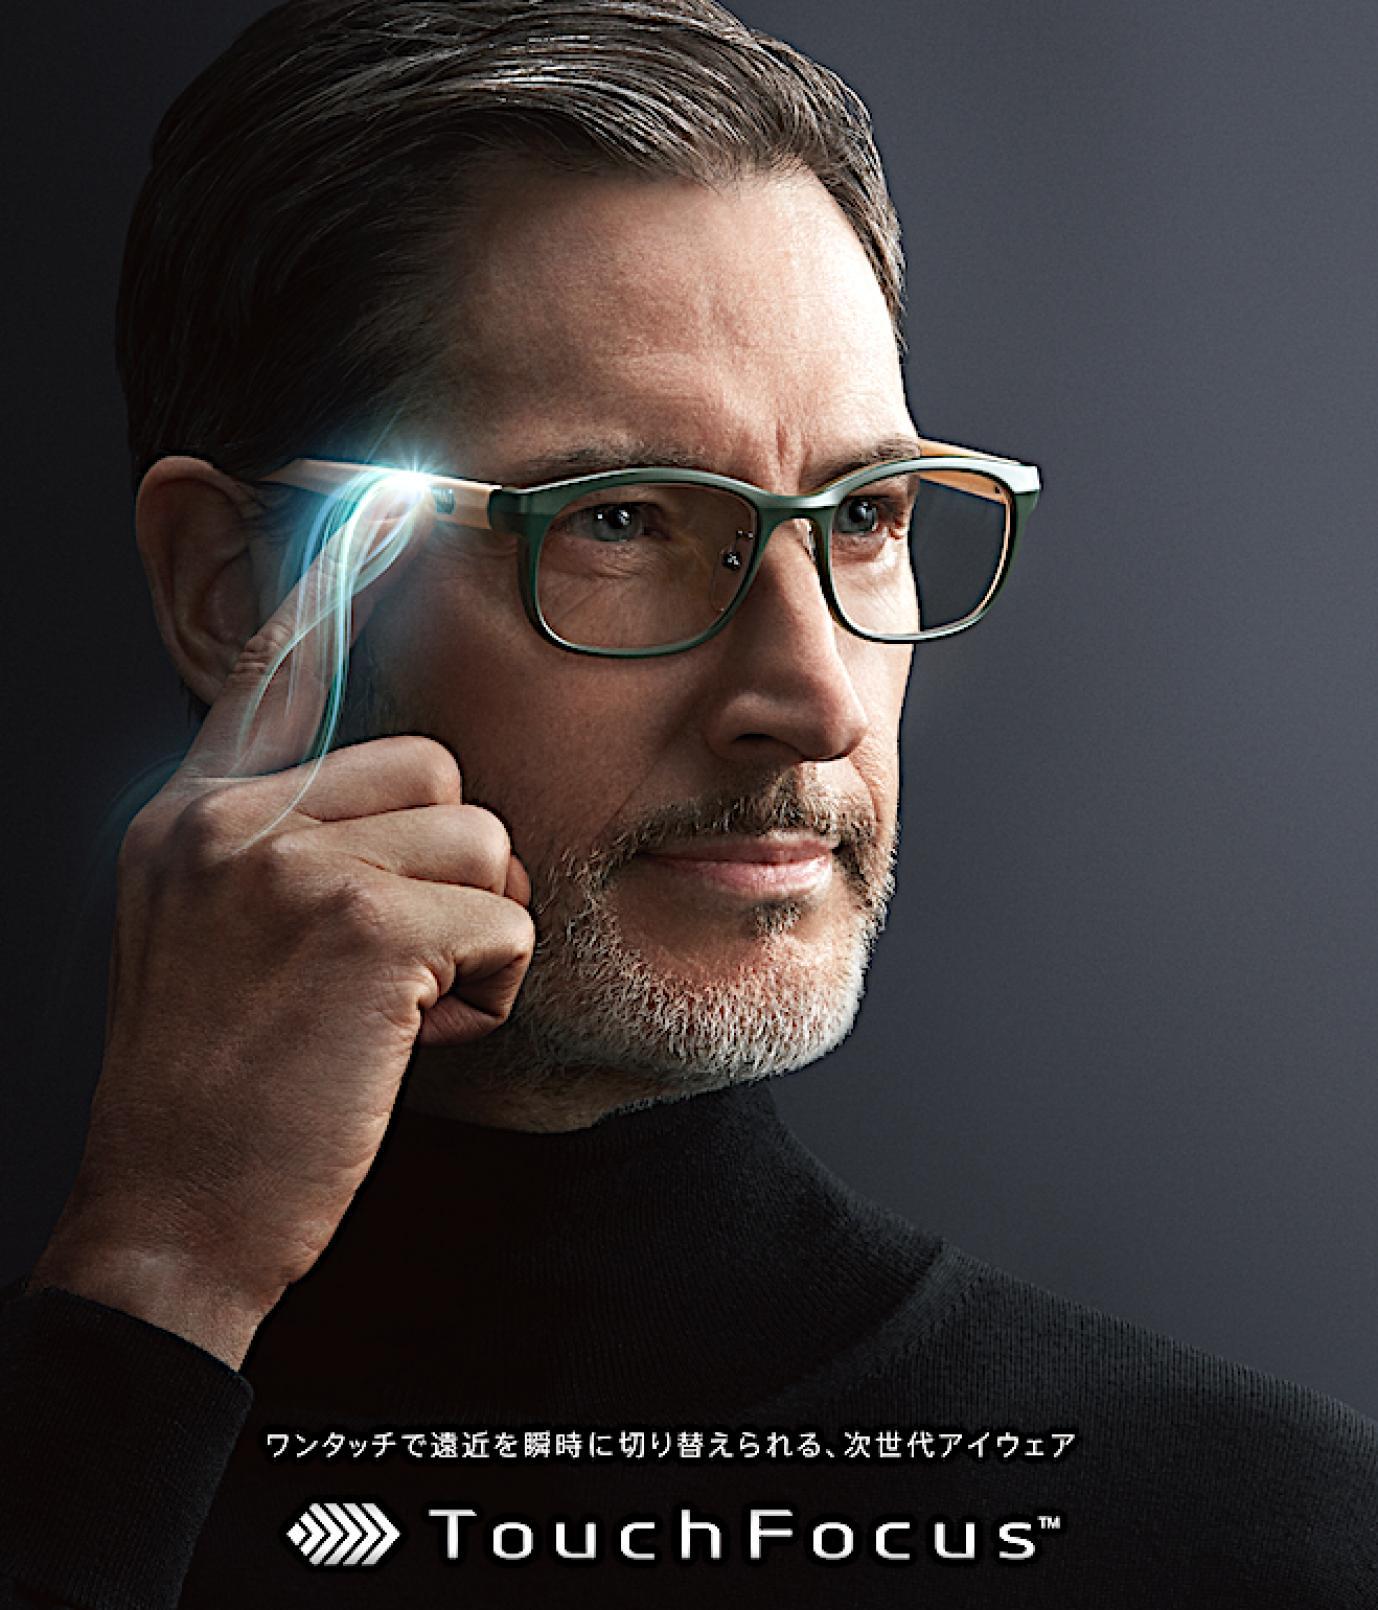 玉川高島屋SC店「タッチフォーカス販売開始」のお知らせ